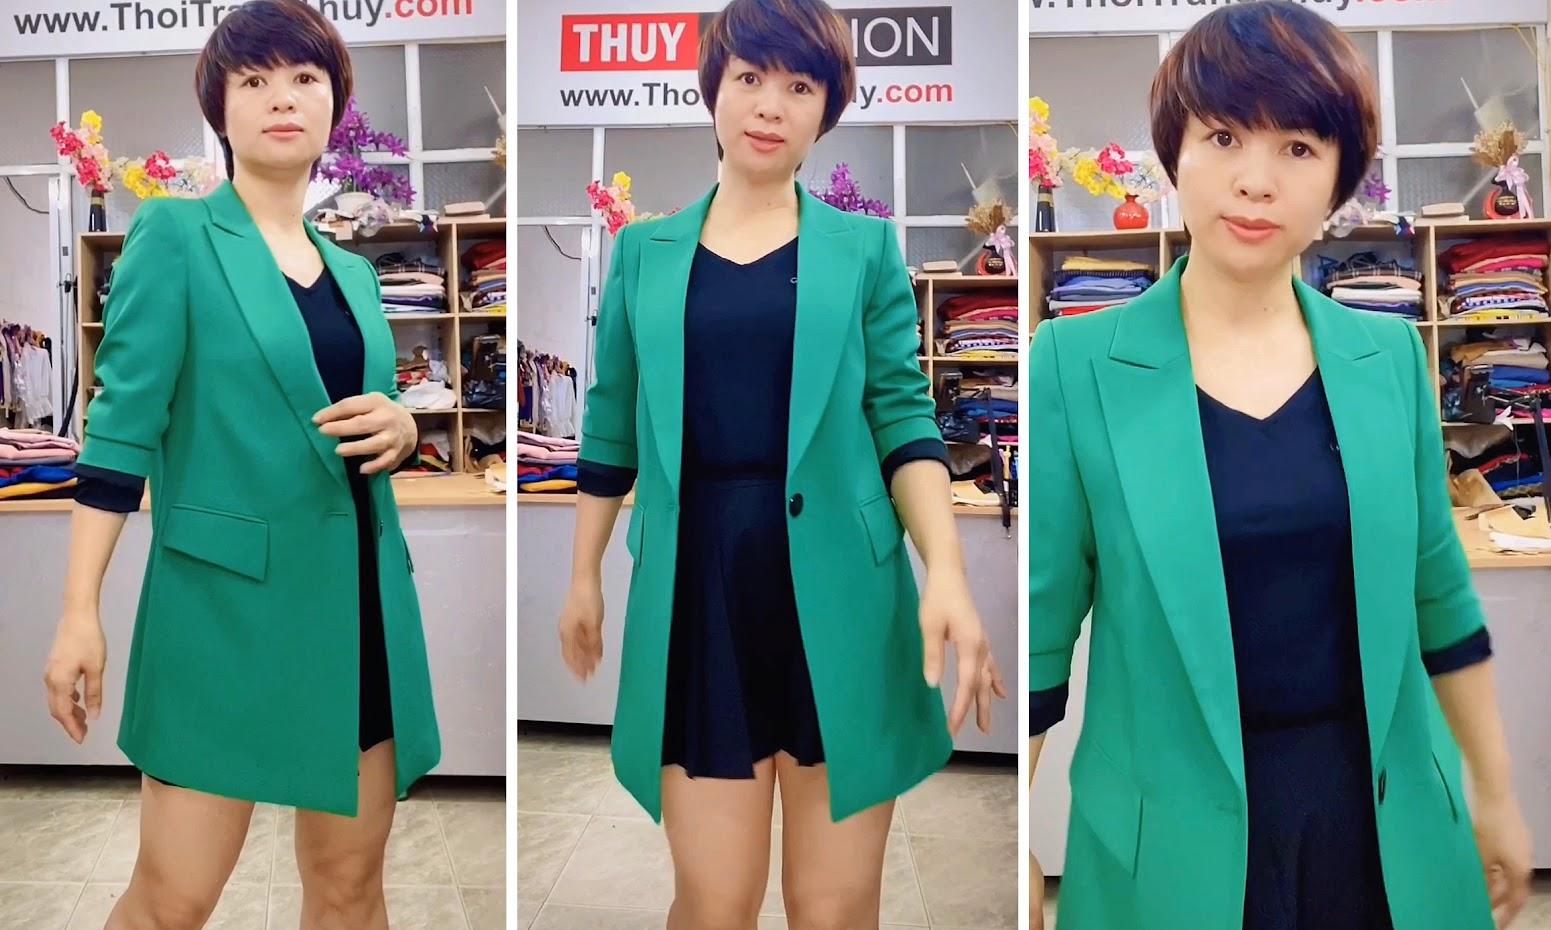 Áo vest nữ dáng dài suông màu xanh lá cây Thời Trang Thủy Hải Phòng